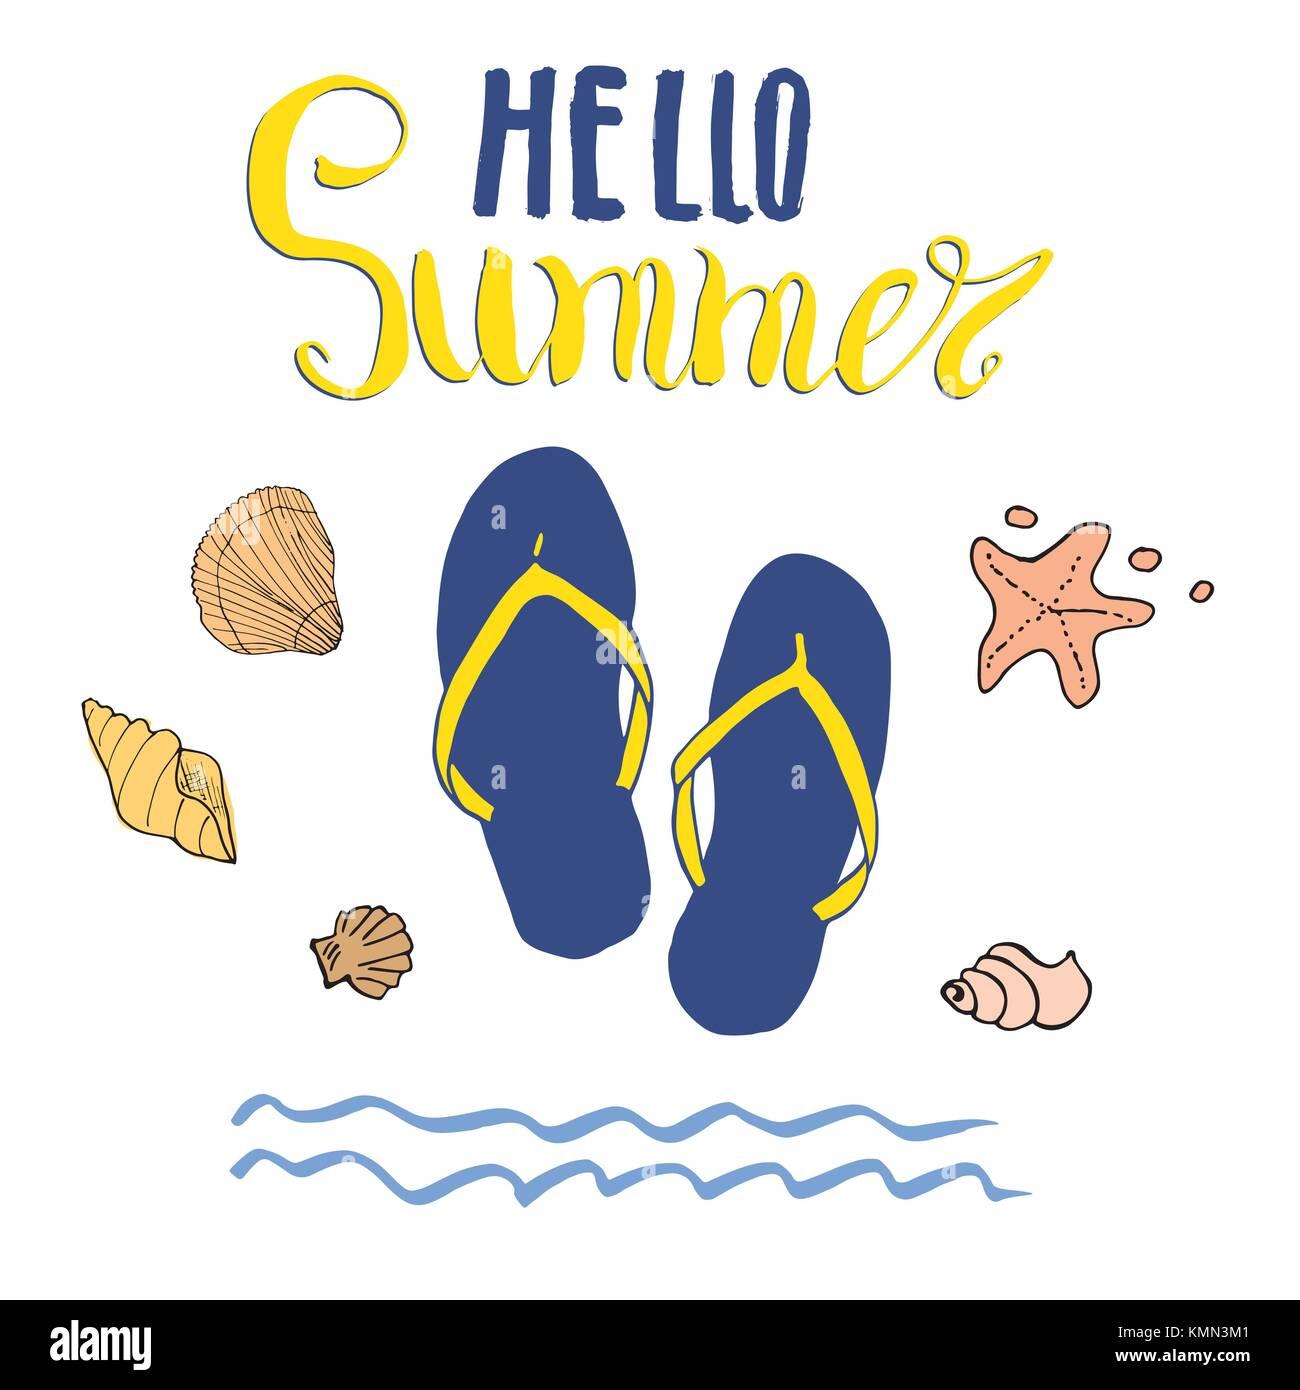 dfd3cb36579d5 Summer Vector Illustration